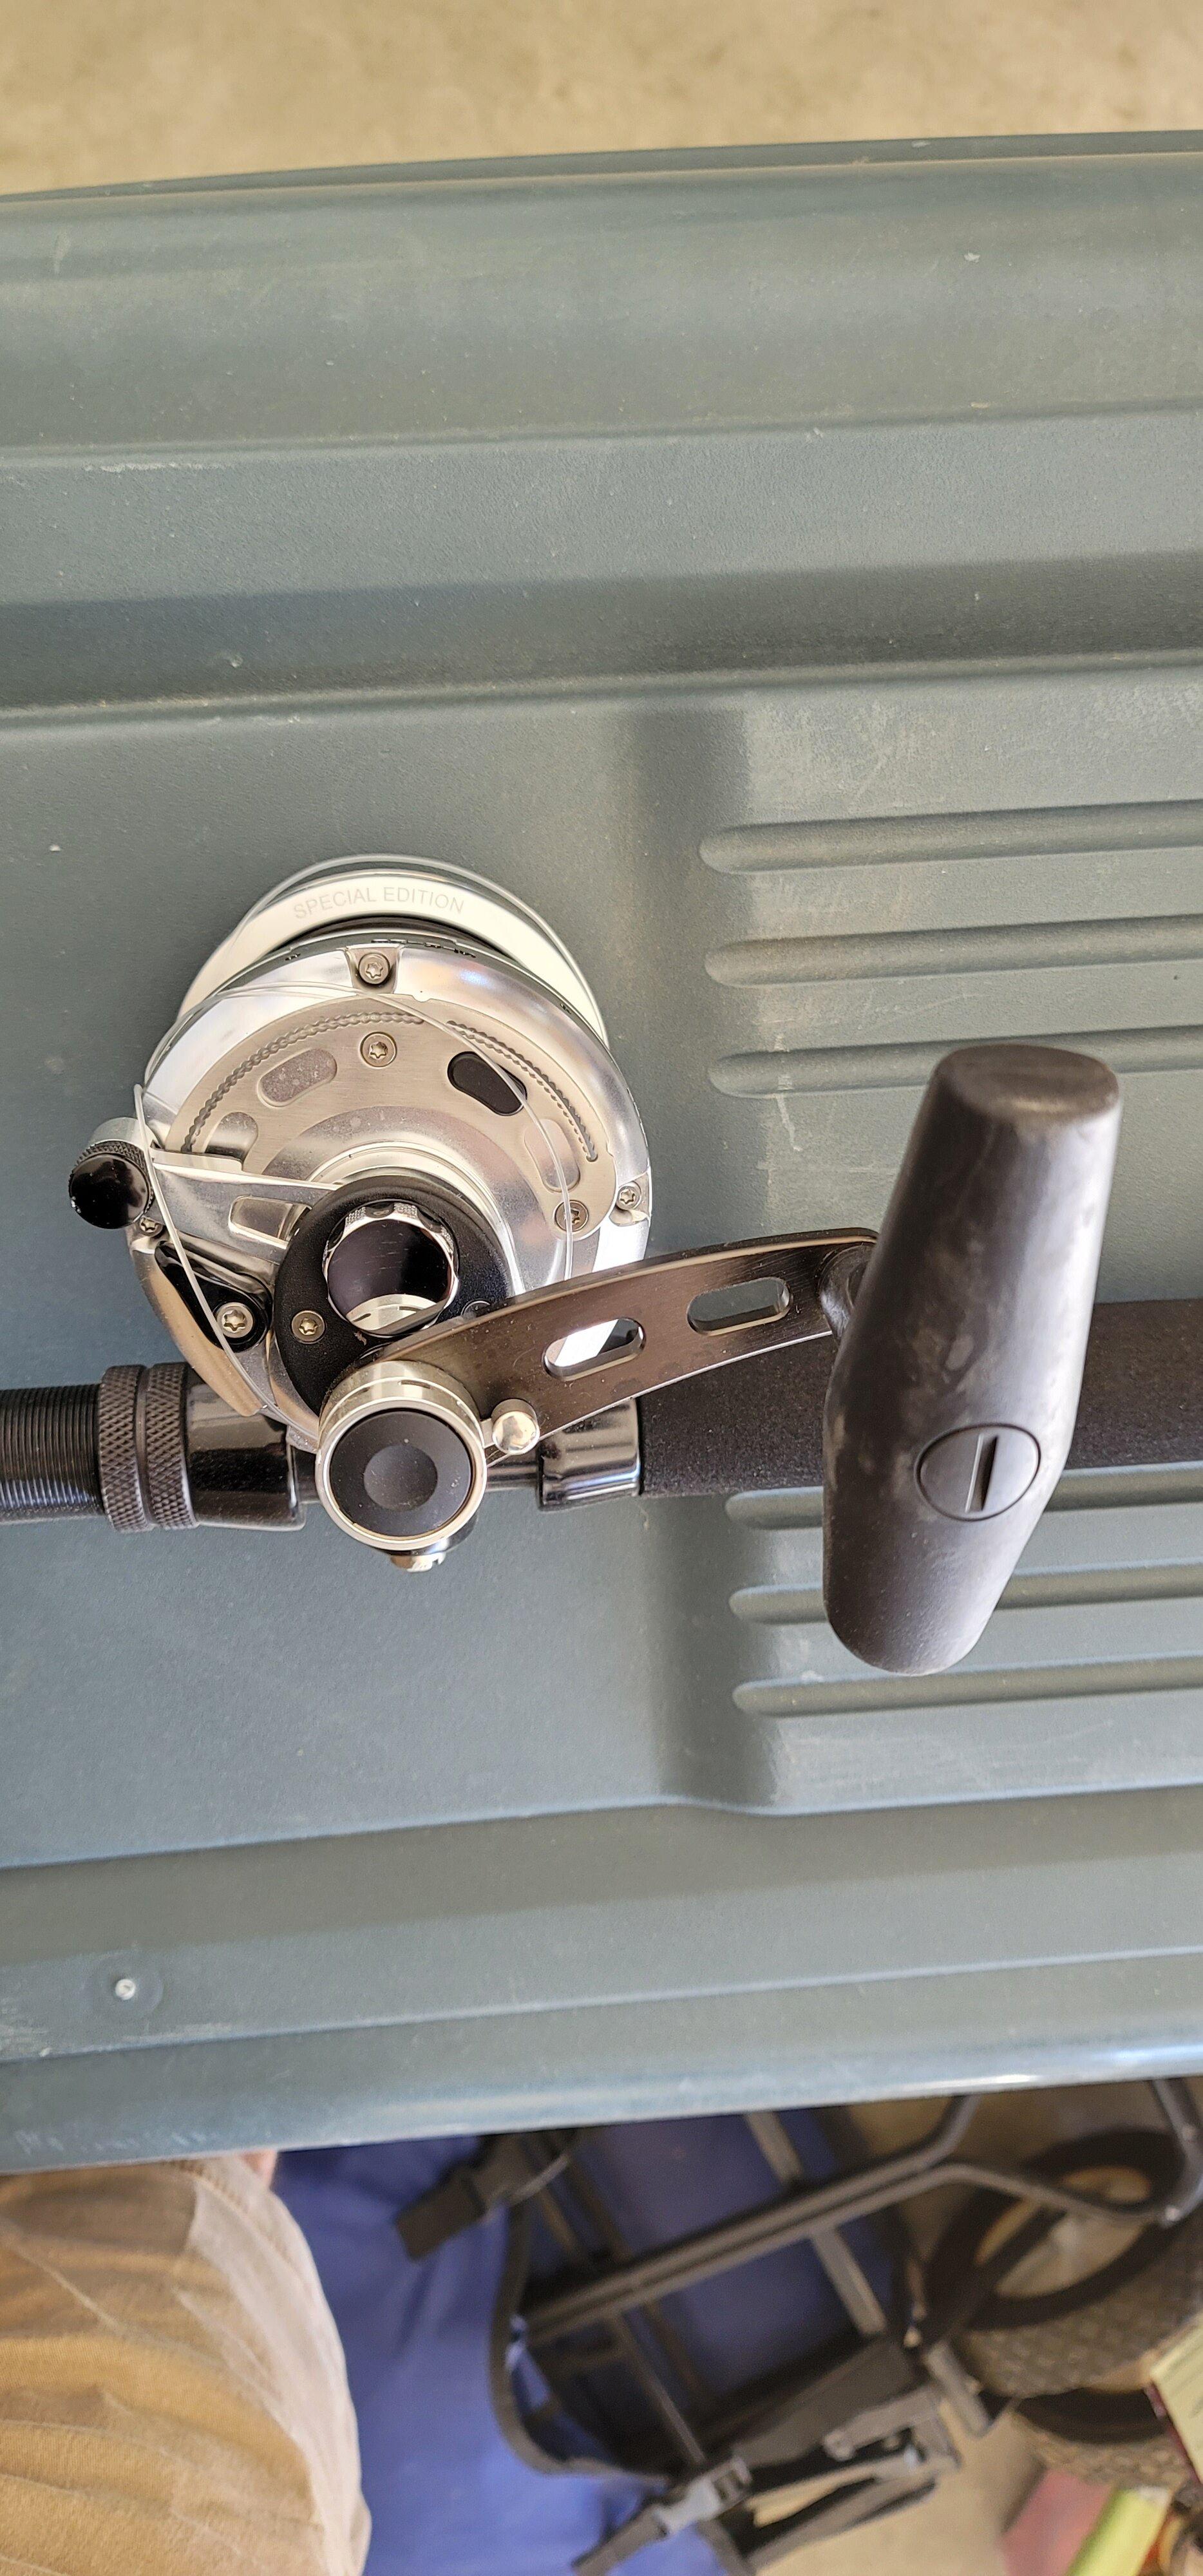 Makaira 20II SEa - Silver handle 02.jpg